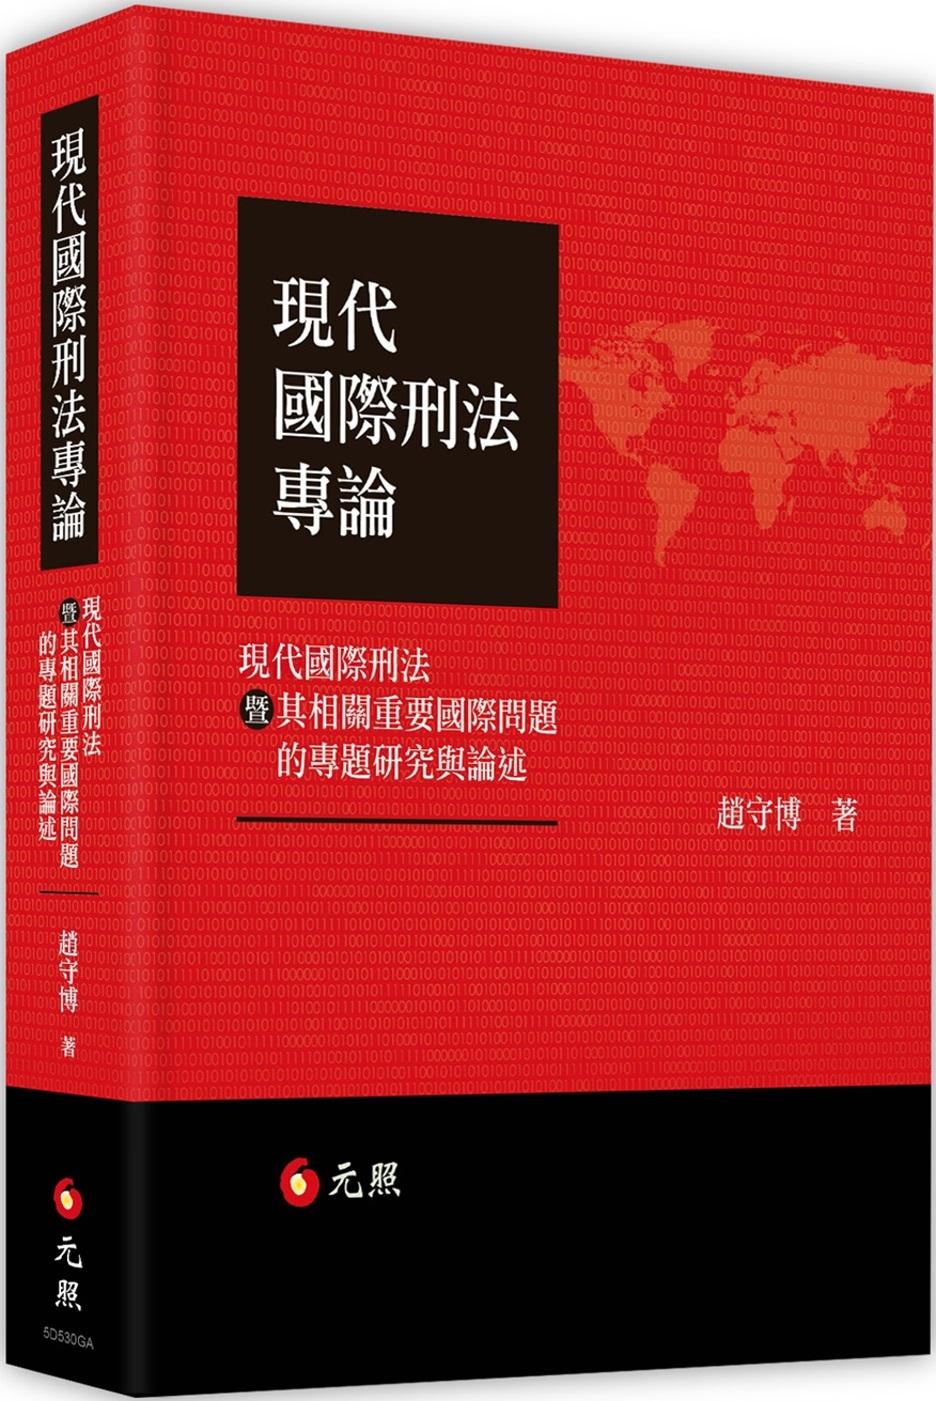 現代國際刑法專論:現代國際刑法暨其相關重要國際問題的專題研究與論述